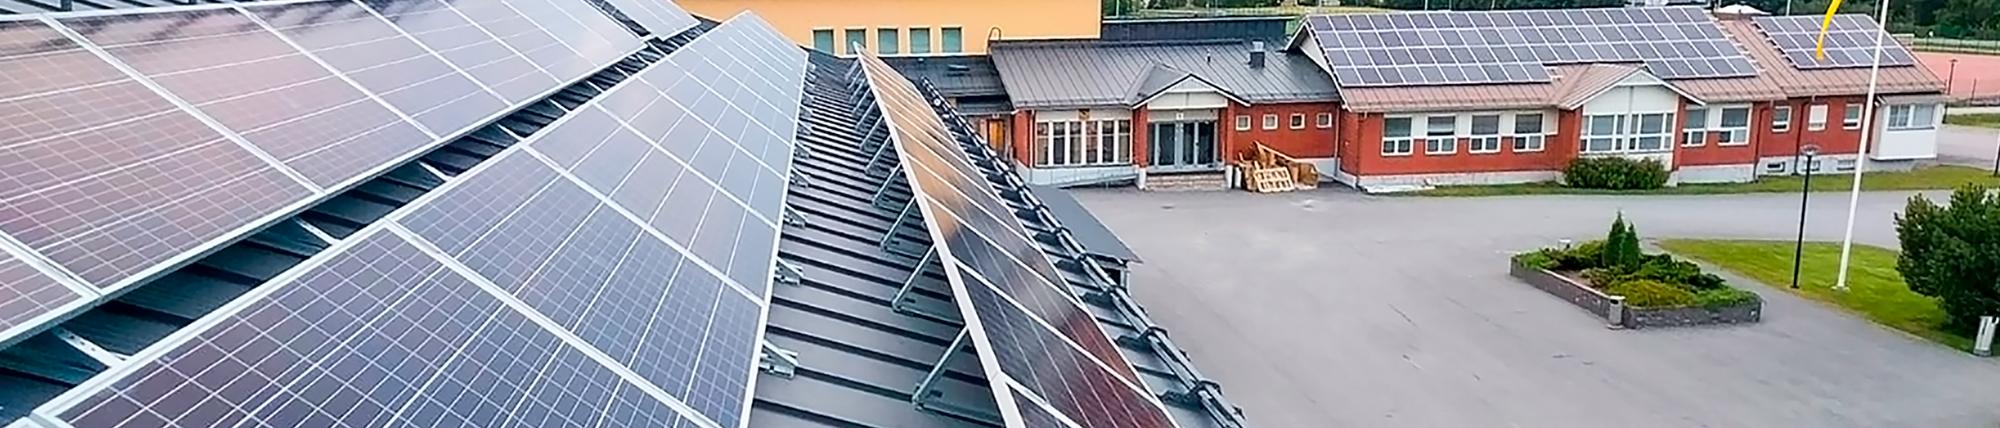 orima solar